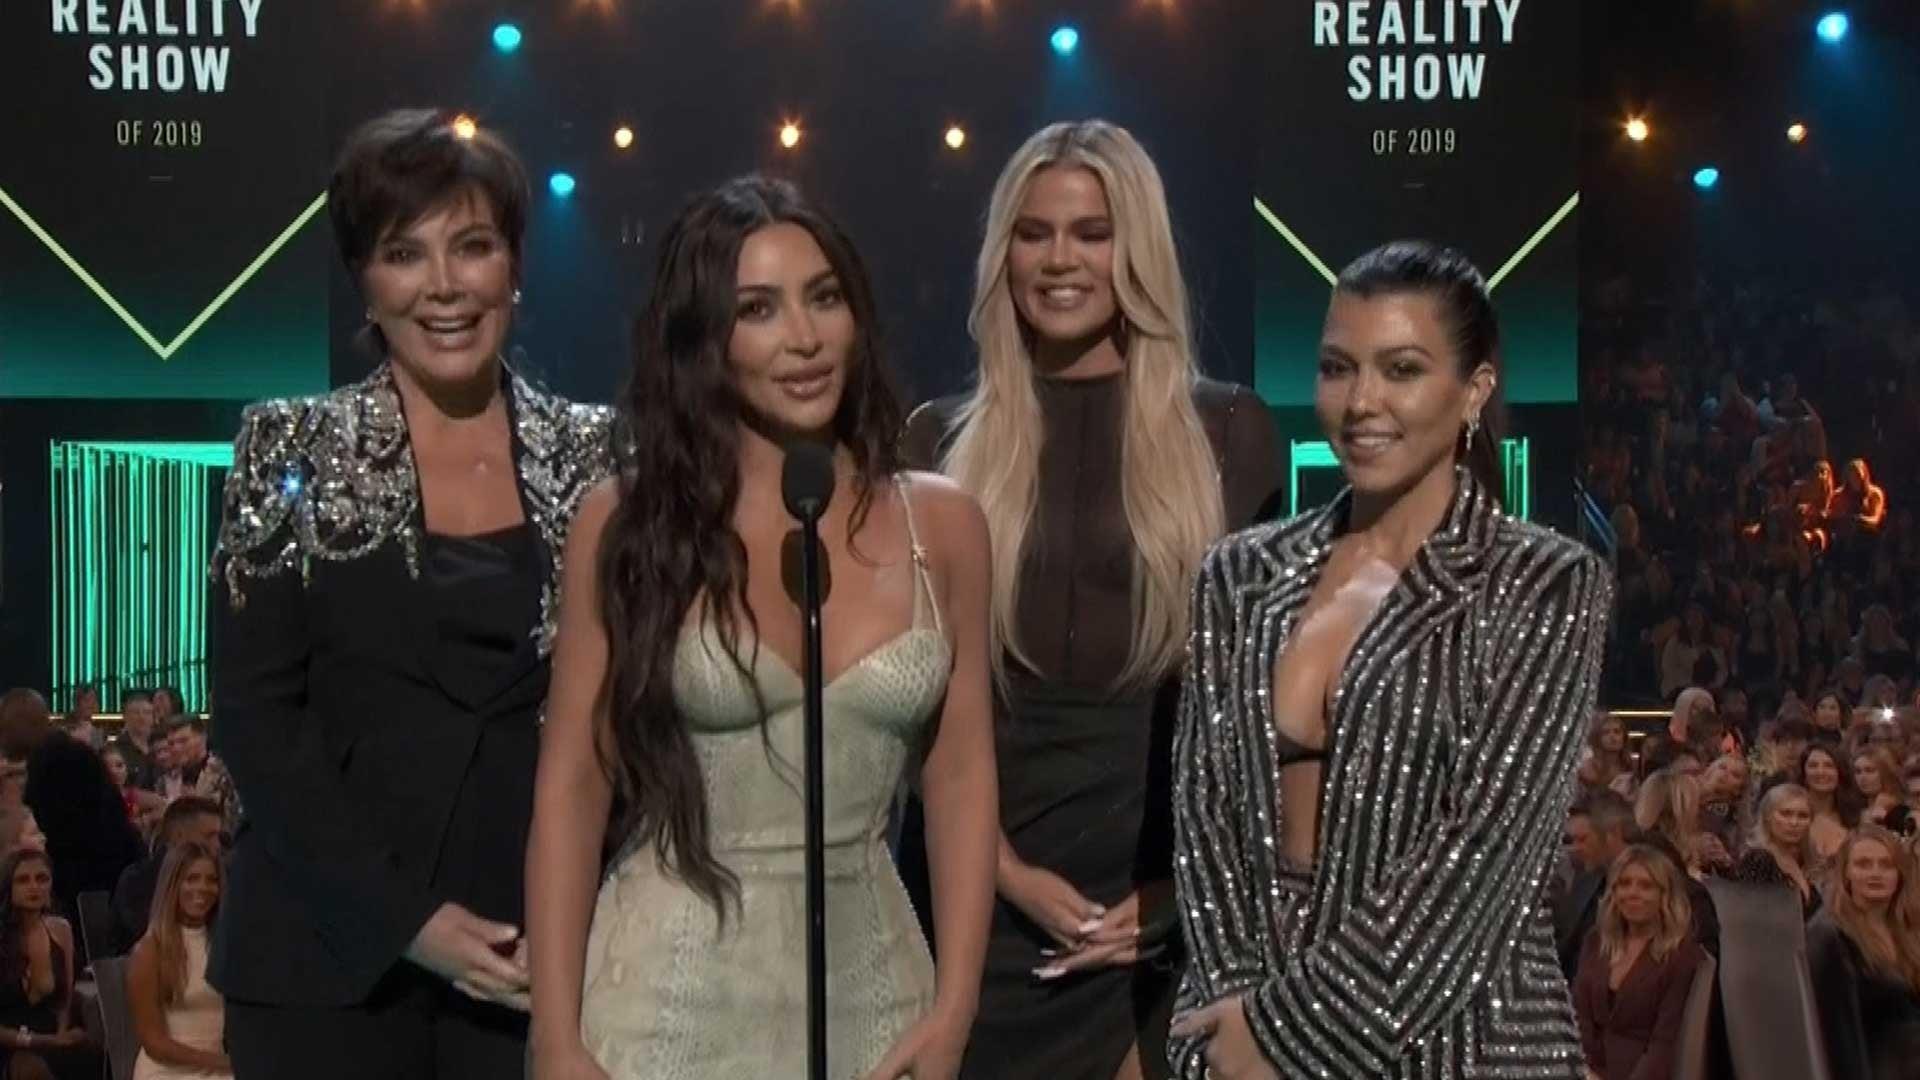 Khloe Kardashian Apologizes To Fans After Not Realizing Shed Won